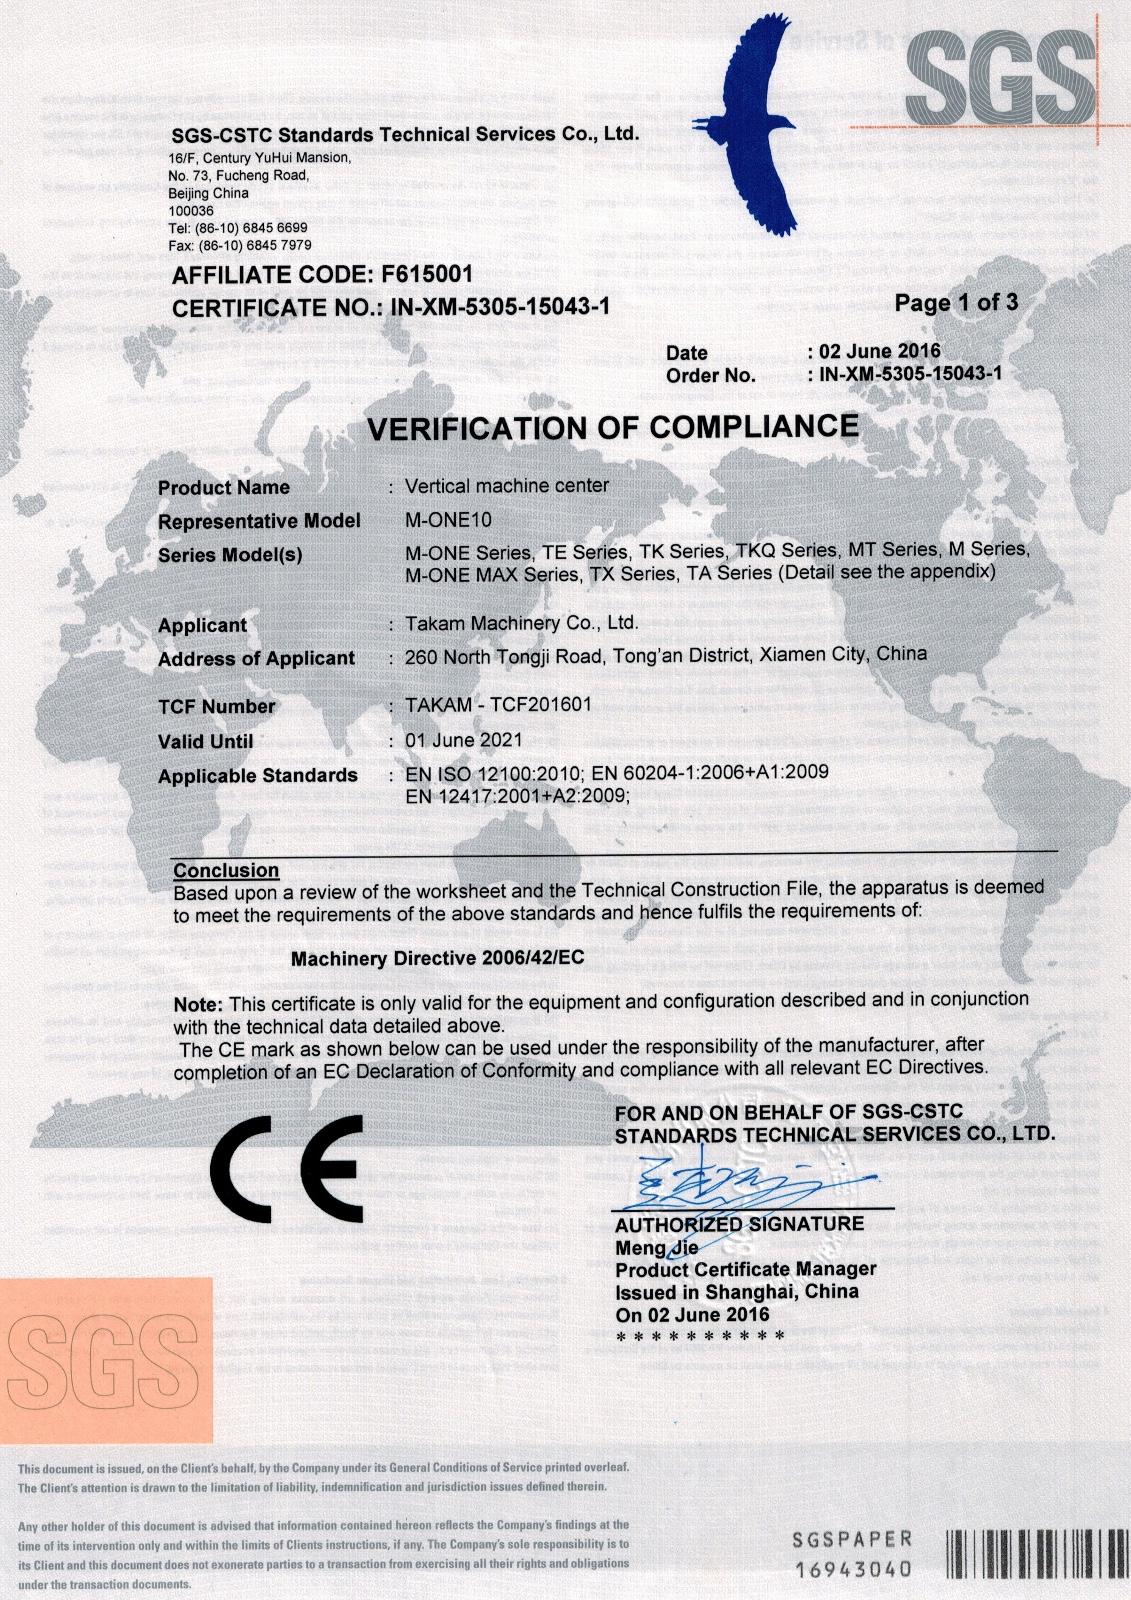 CE Certificate copy.jpg